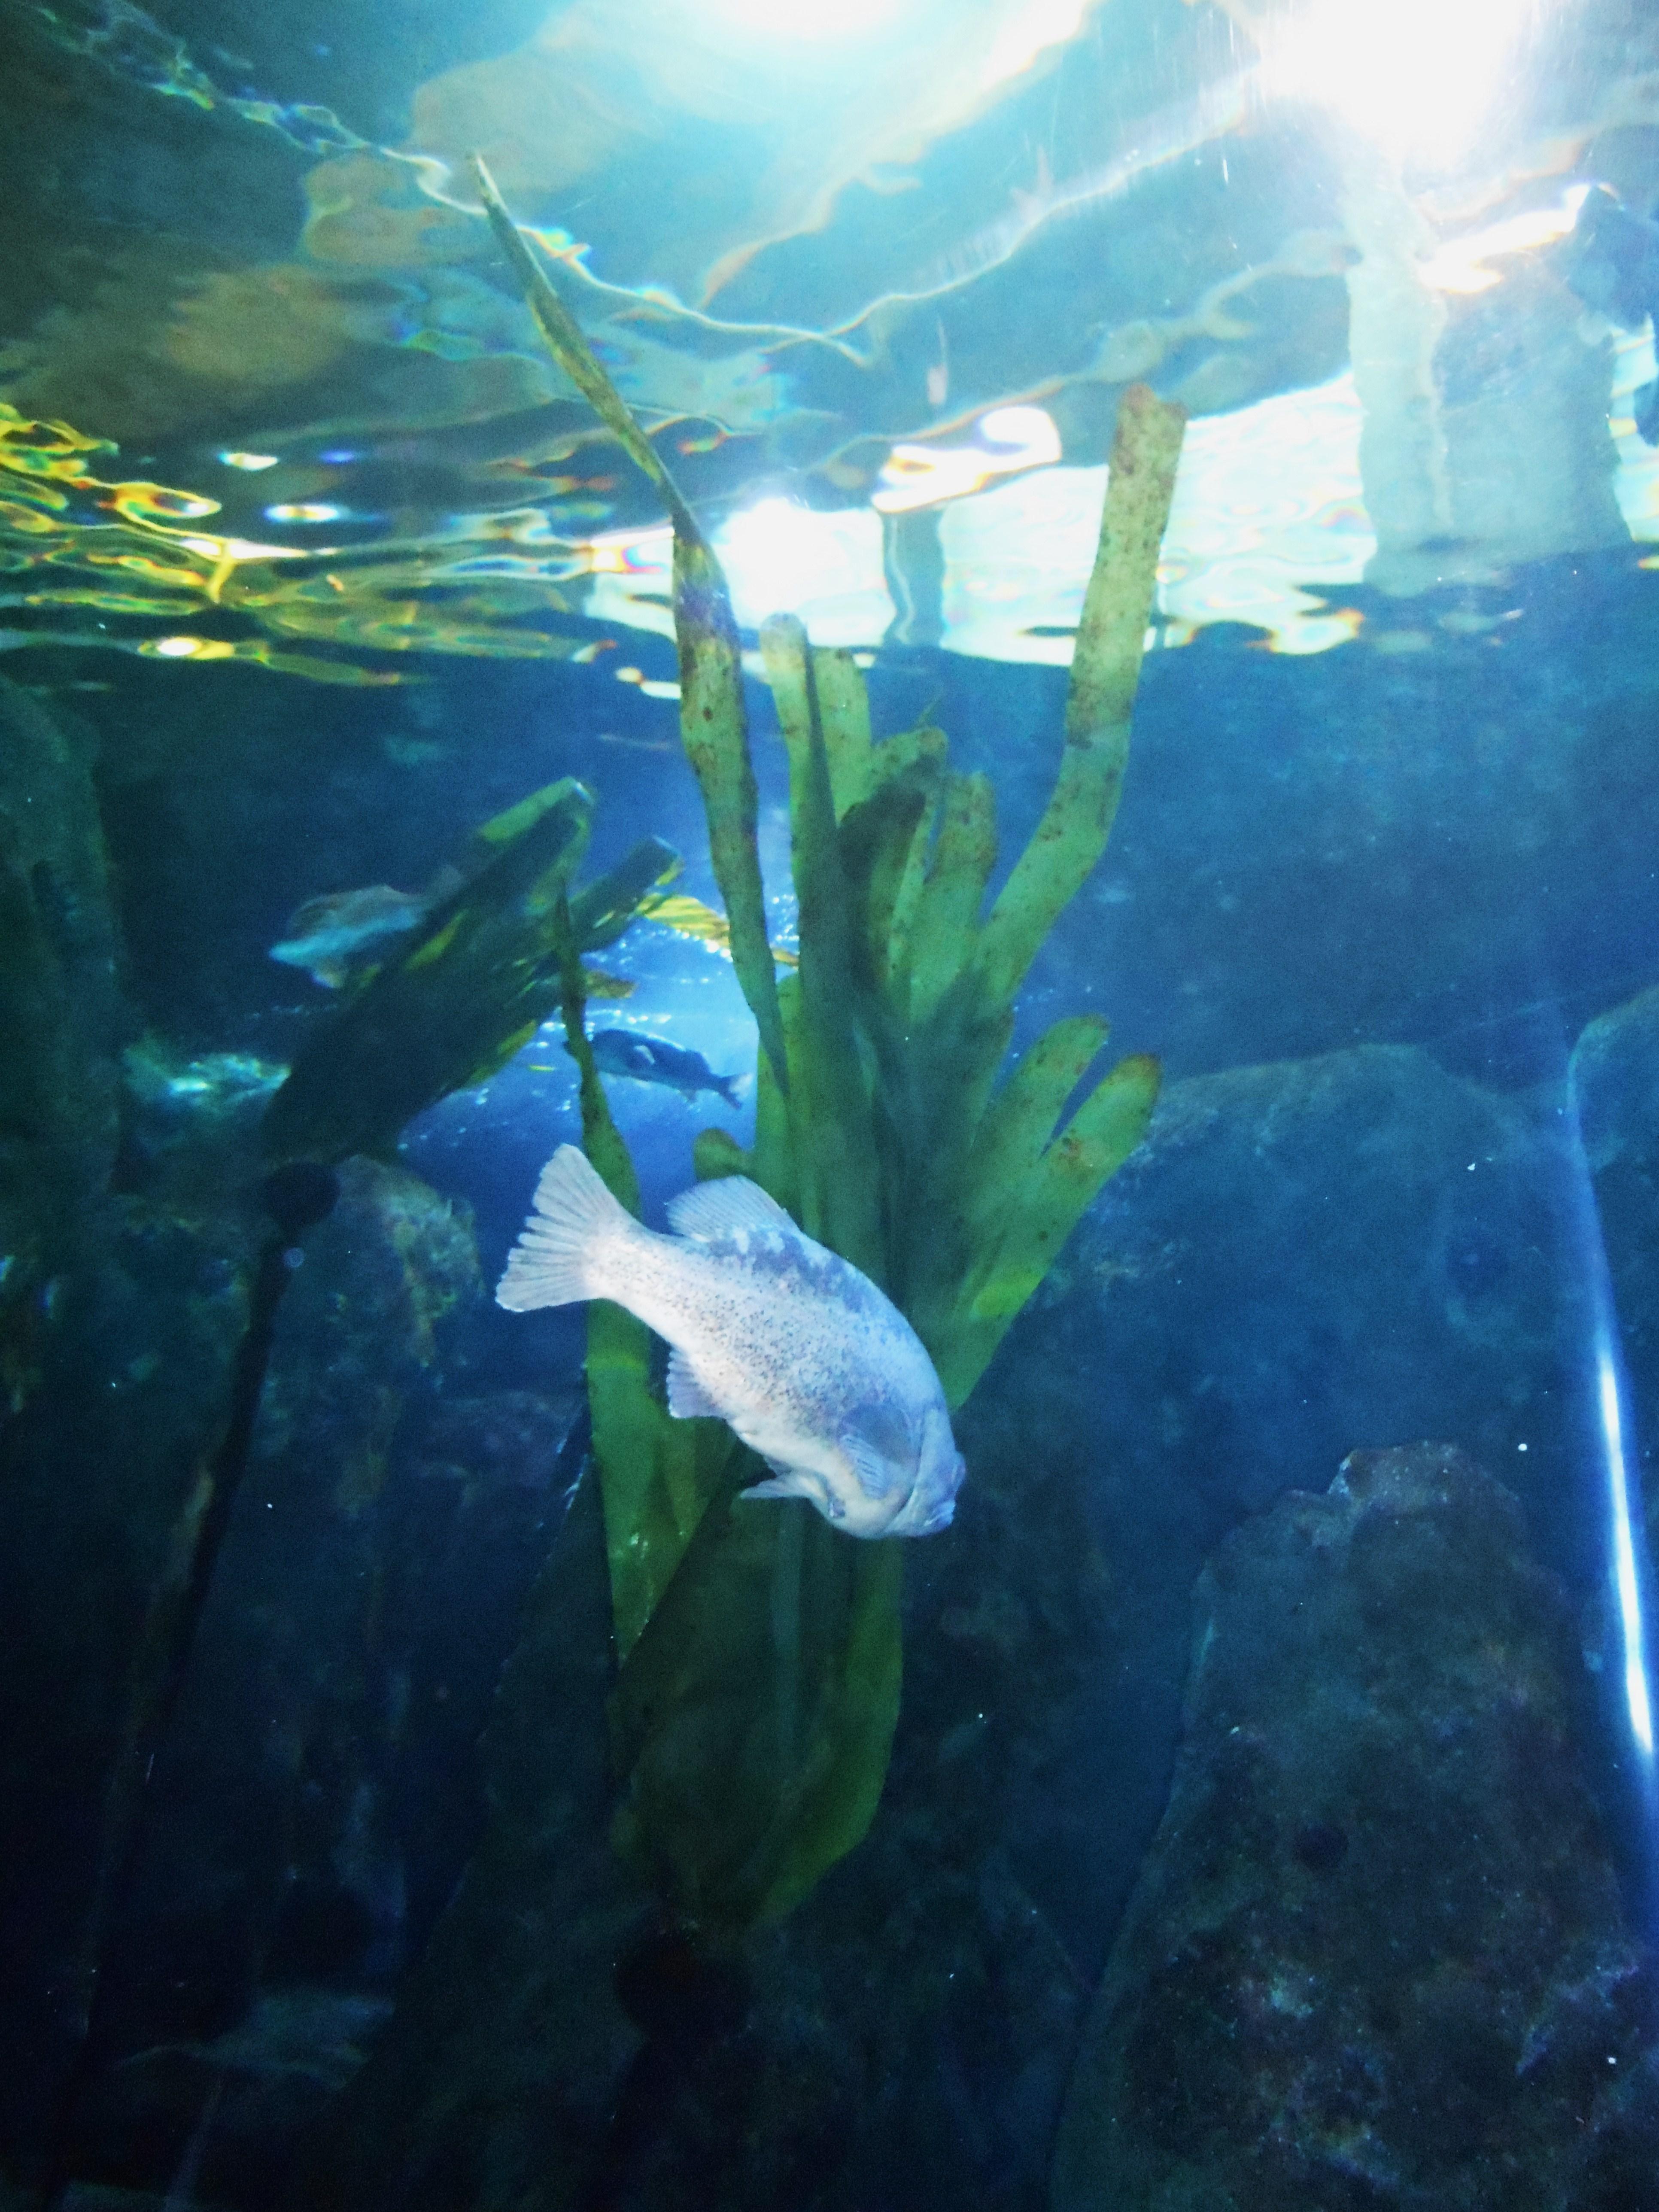 Newport aquarium forest garden Depoe bay aquarium